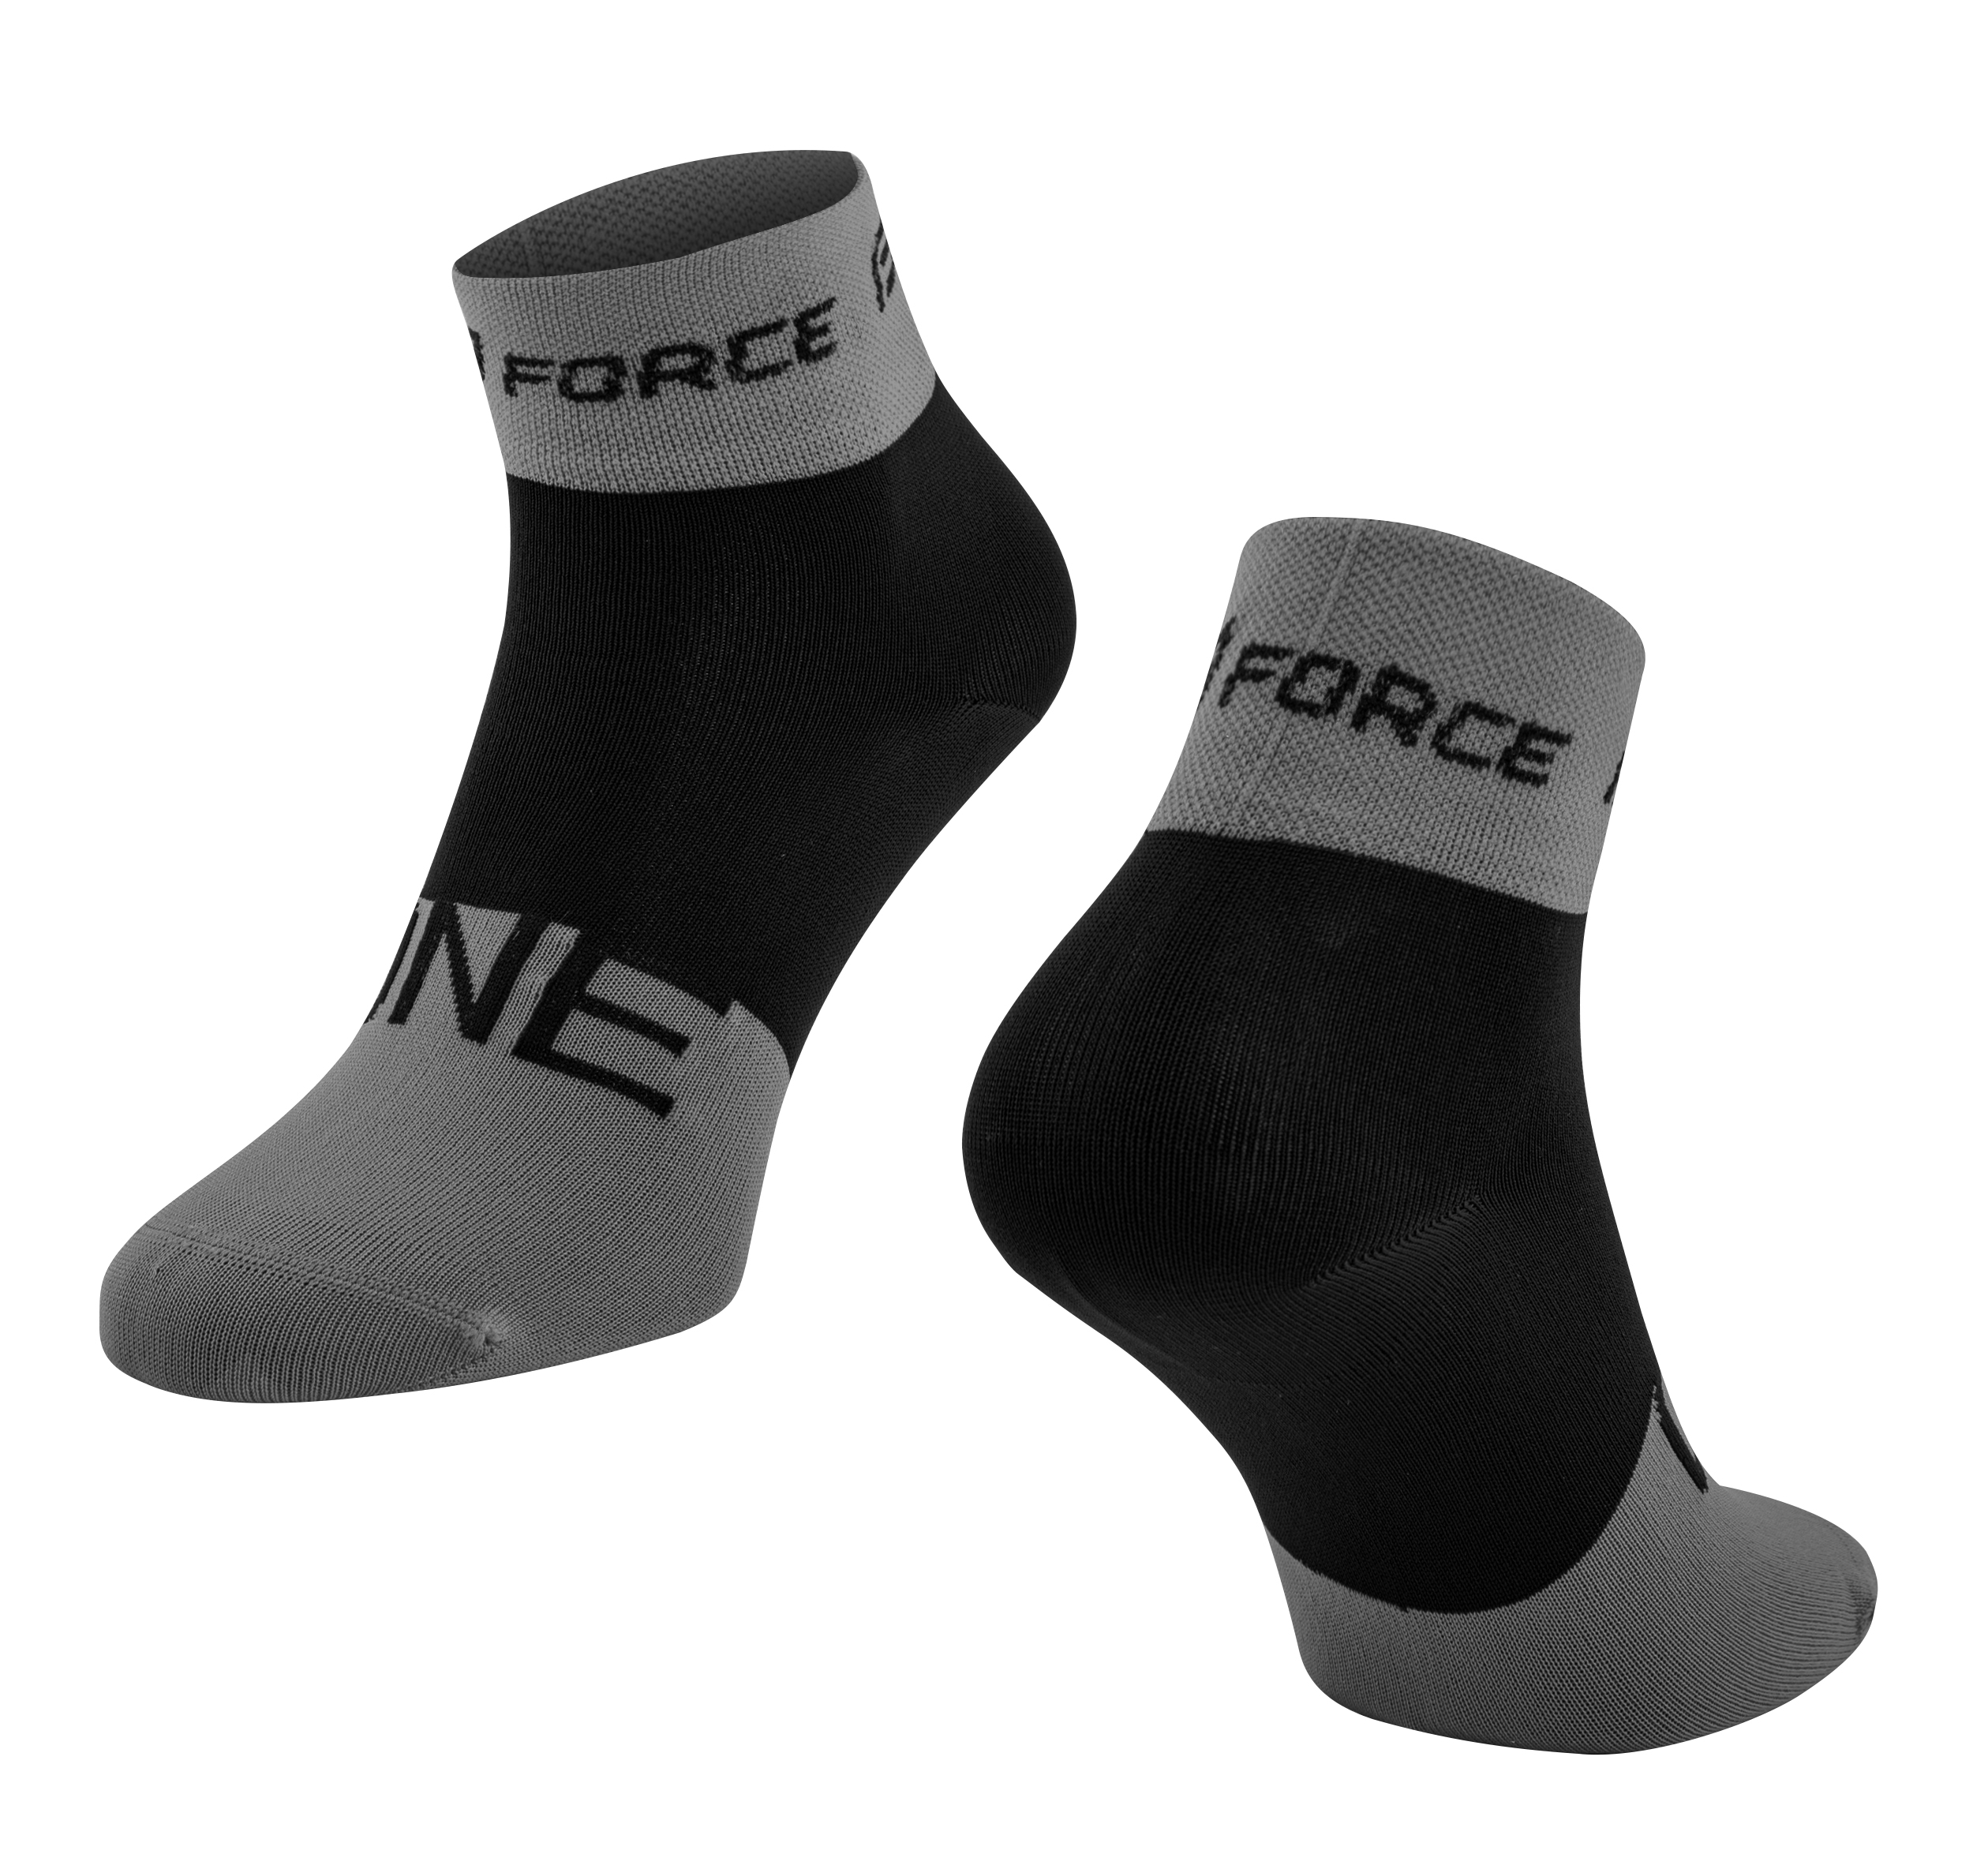 ponožky FORCE ONE, šedo-černé L-XL/42-47